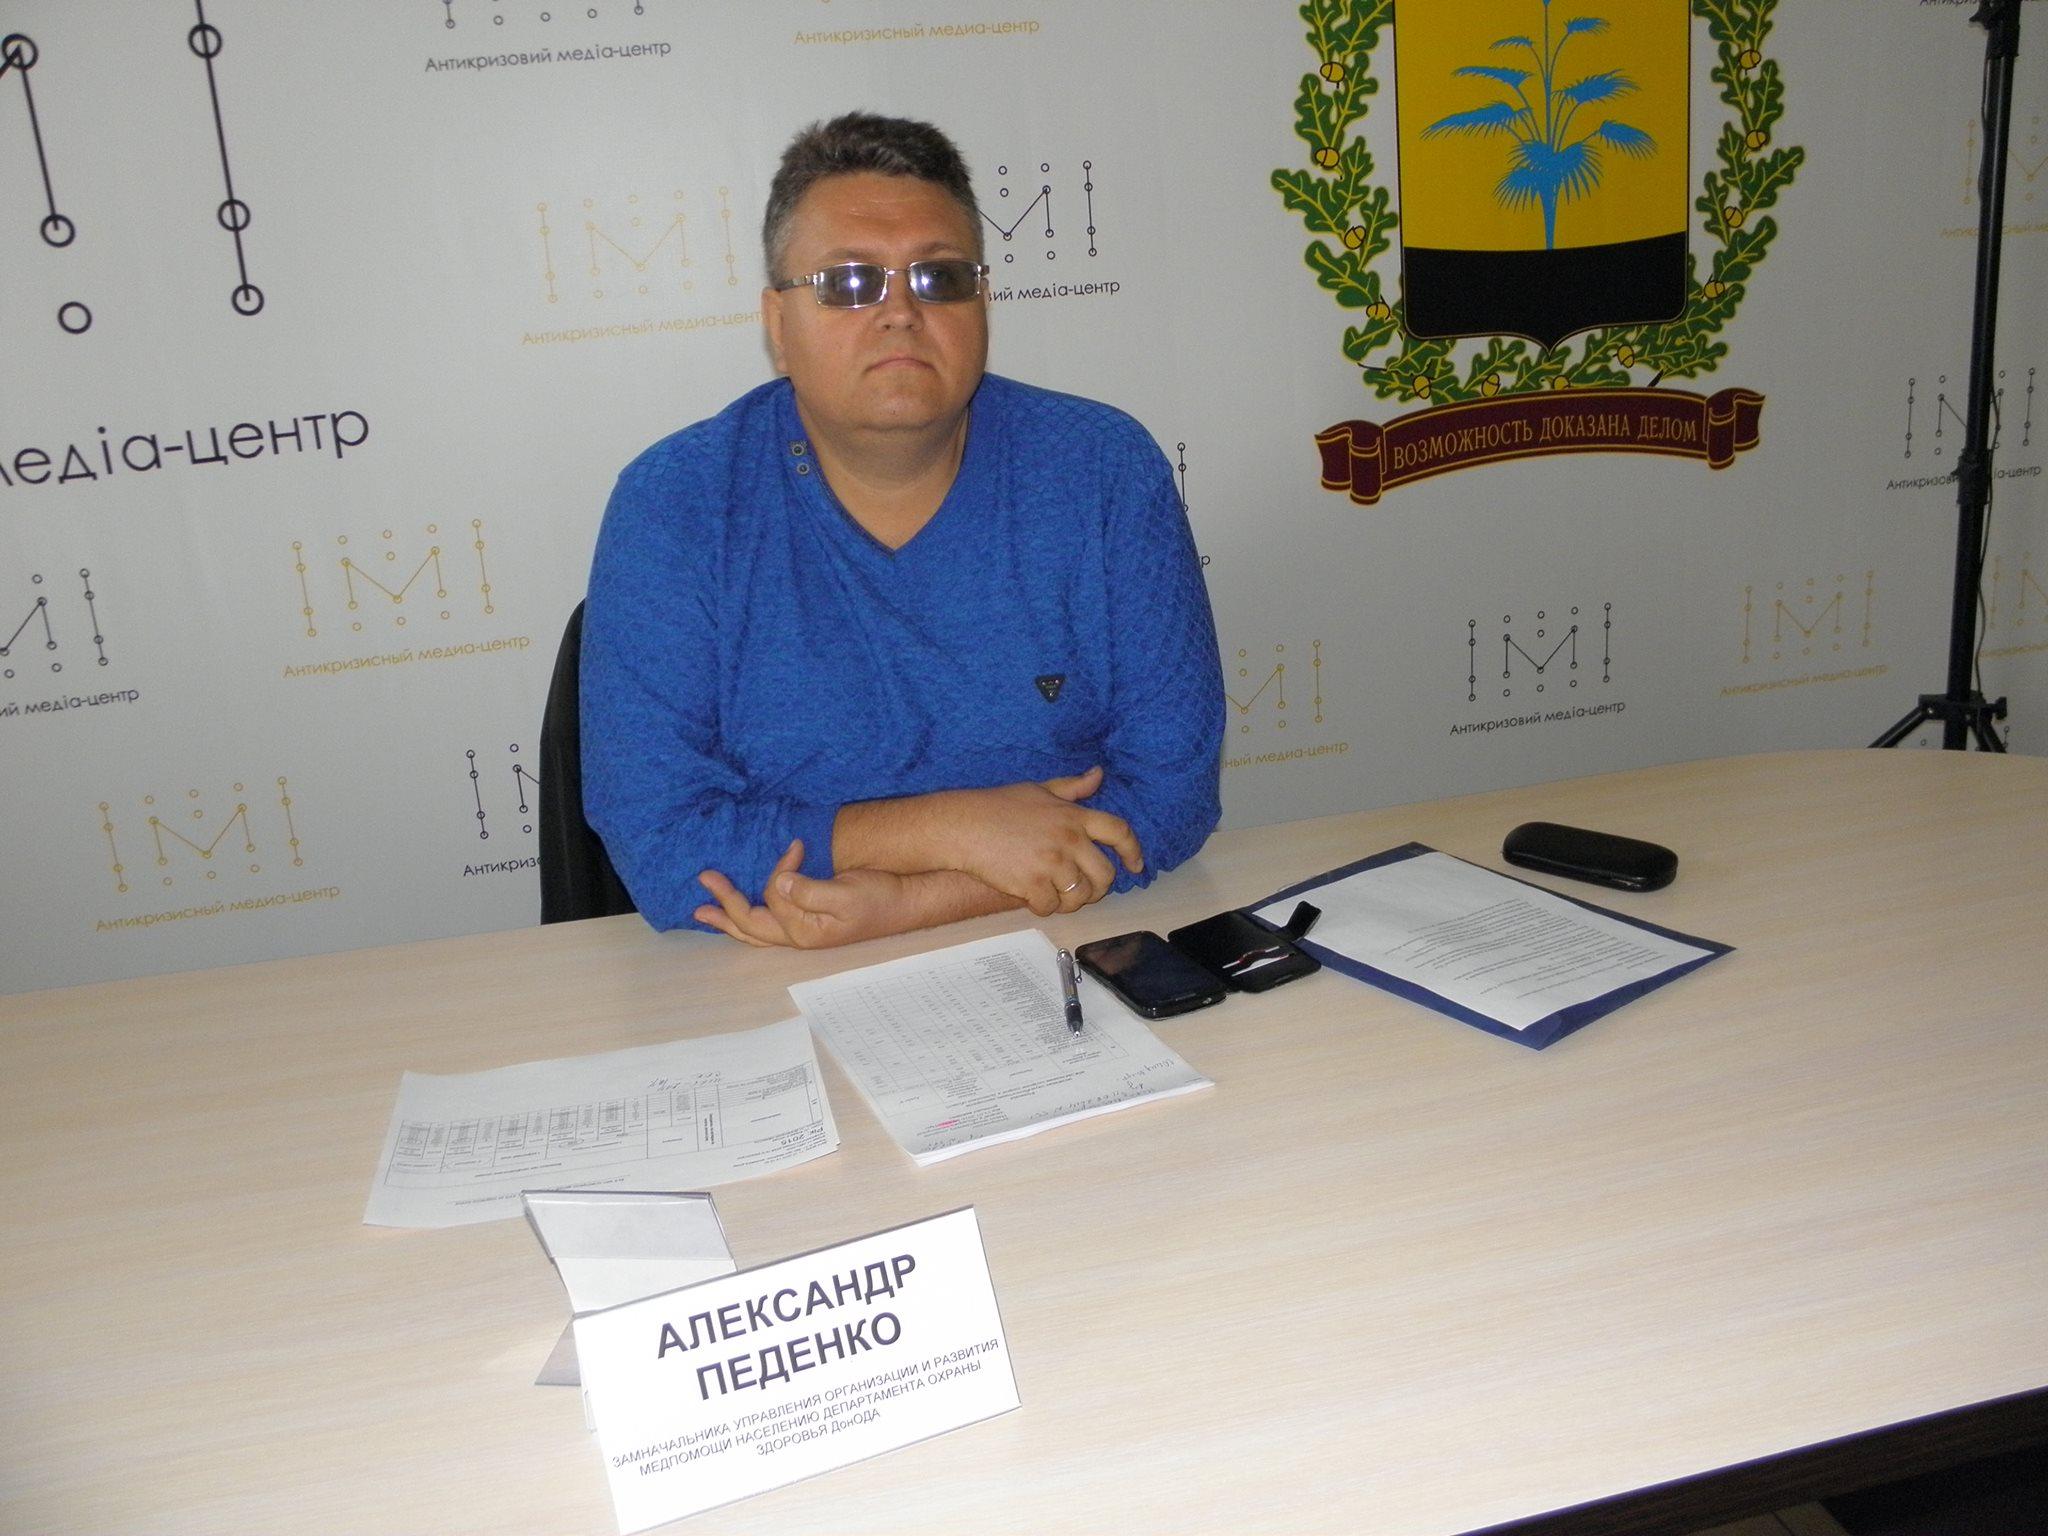 Александр Педенко: Донецкой области вакцин БЦЖ хватит нагод